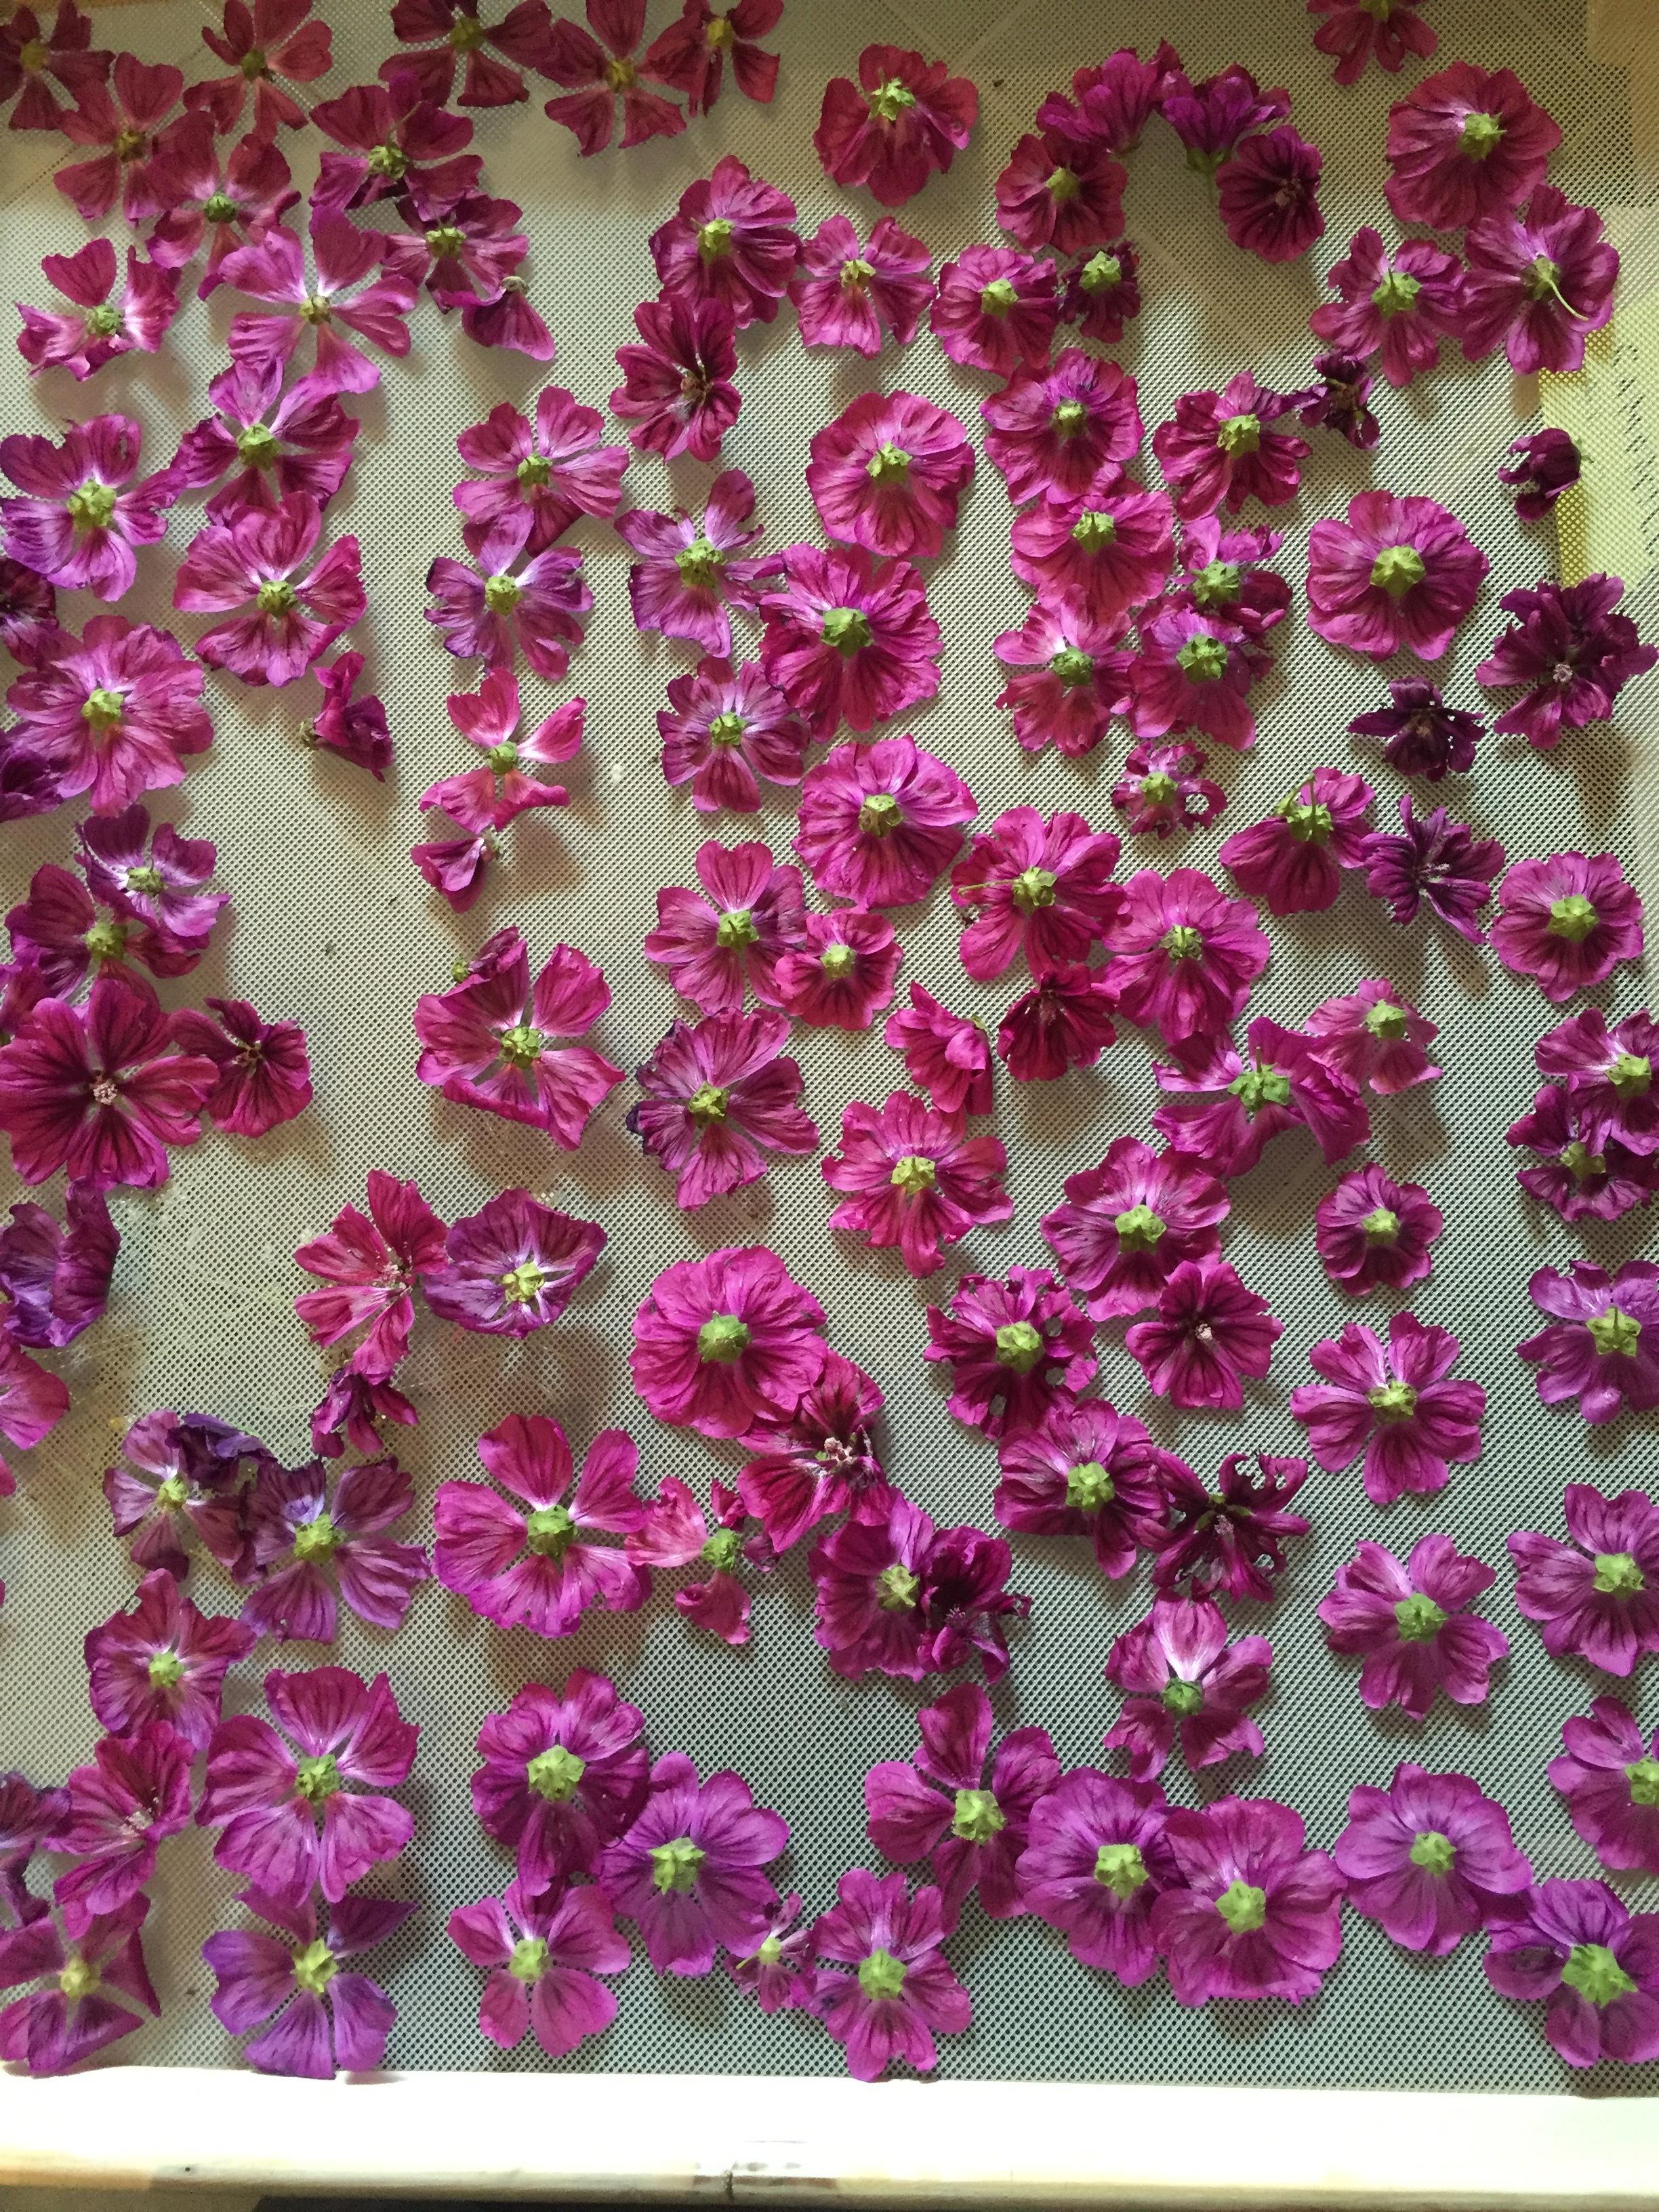 Malva Flowers Drying